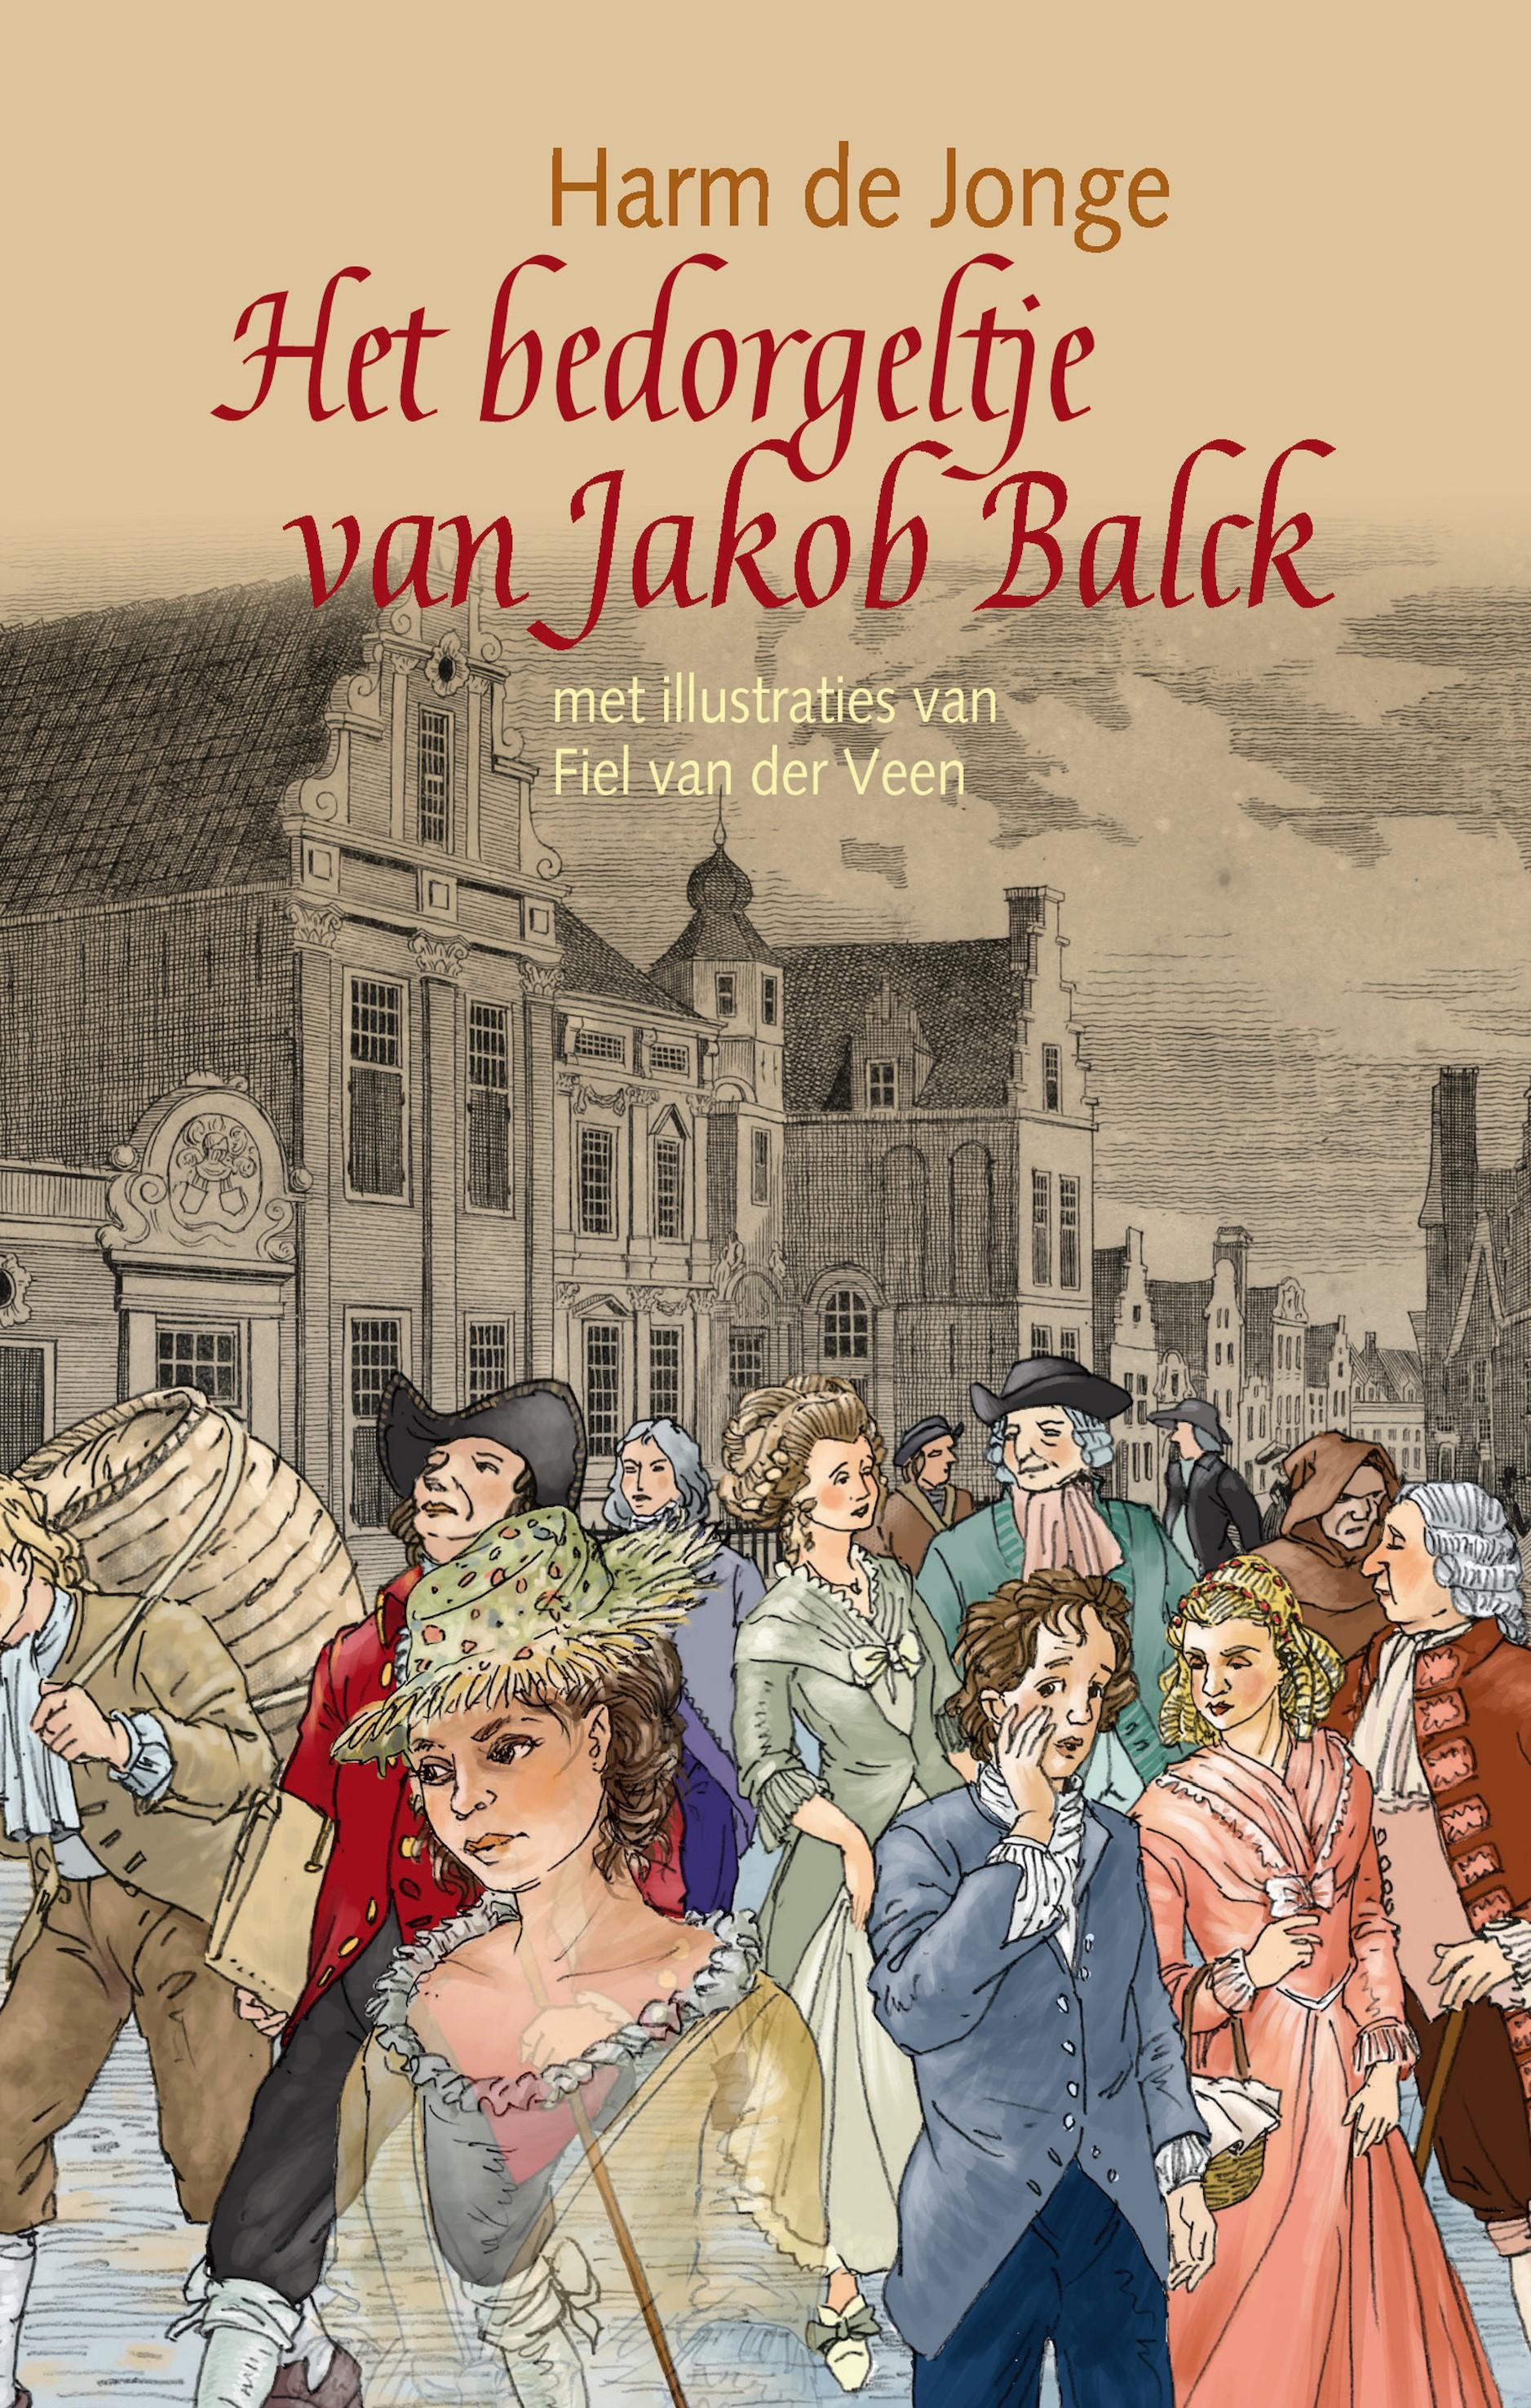 cover van het boek 'Het bedorgeltje van Jakob Balck' van Harm de Jonge